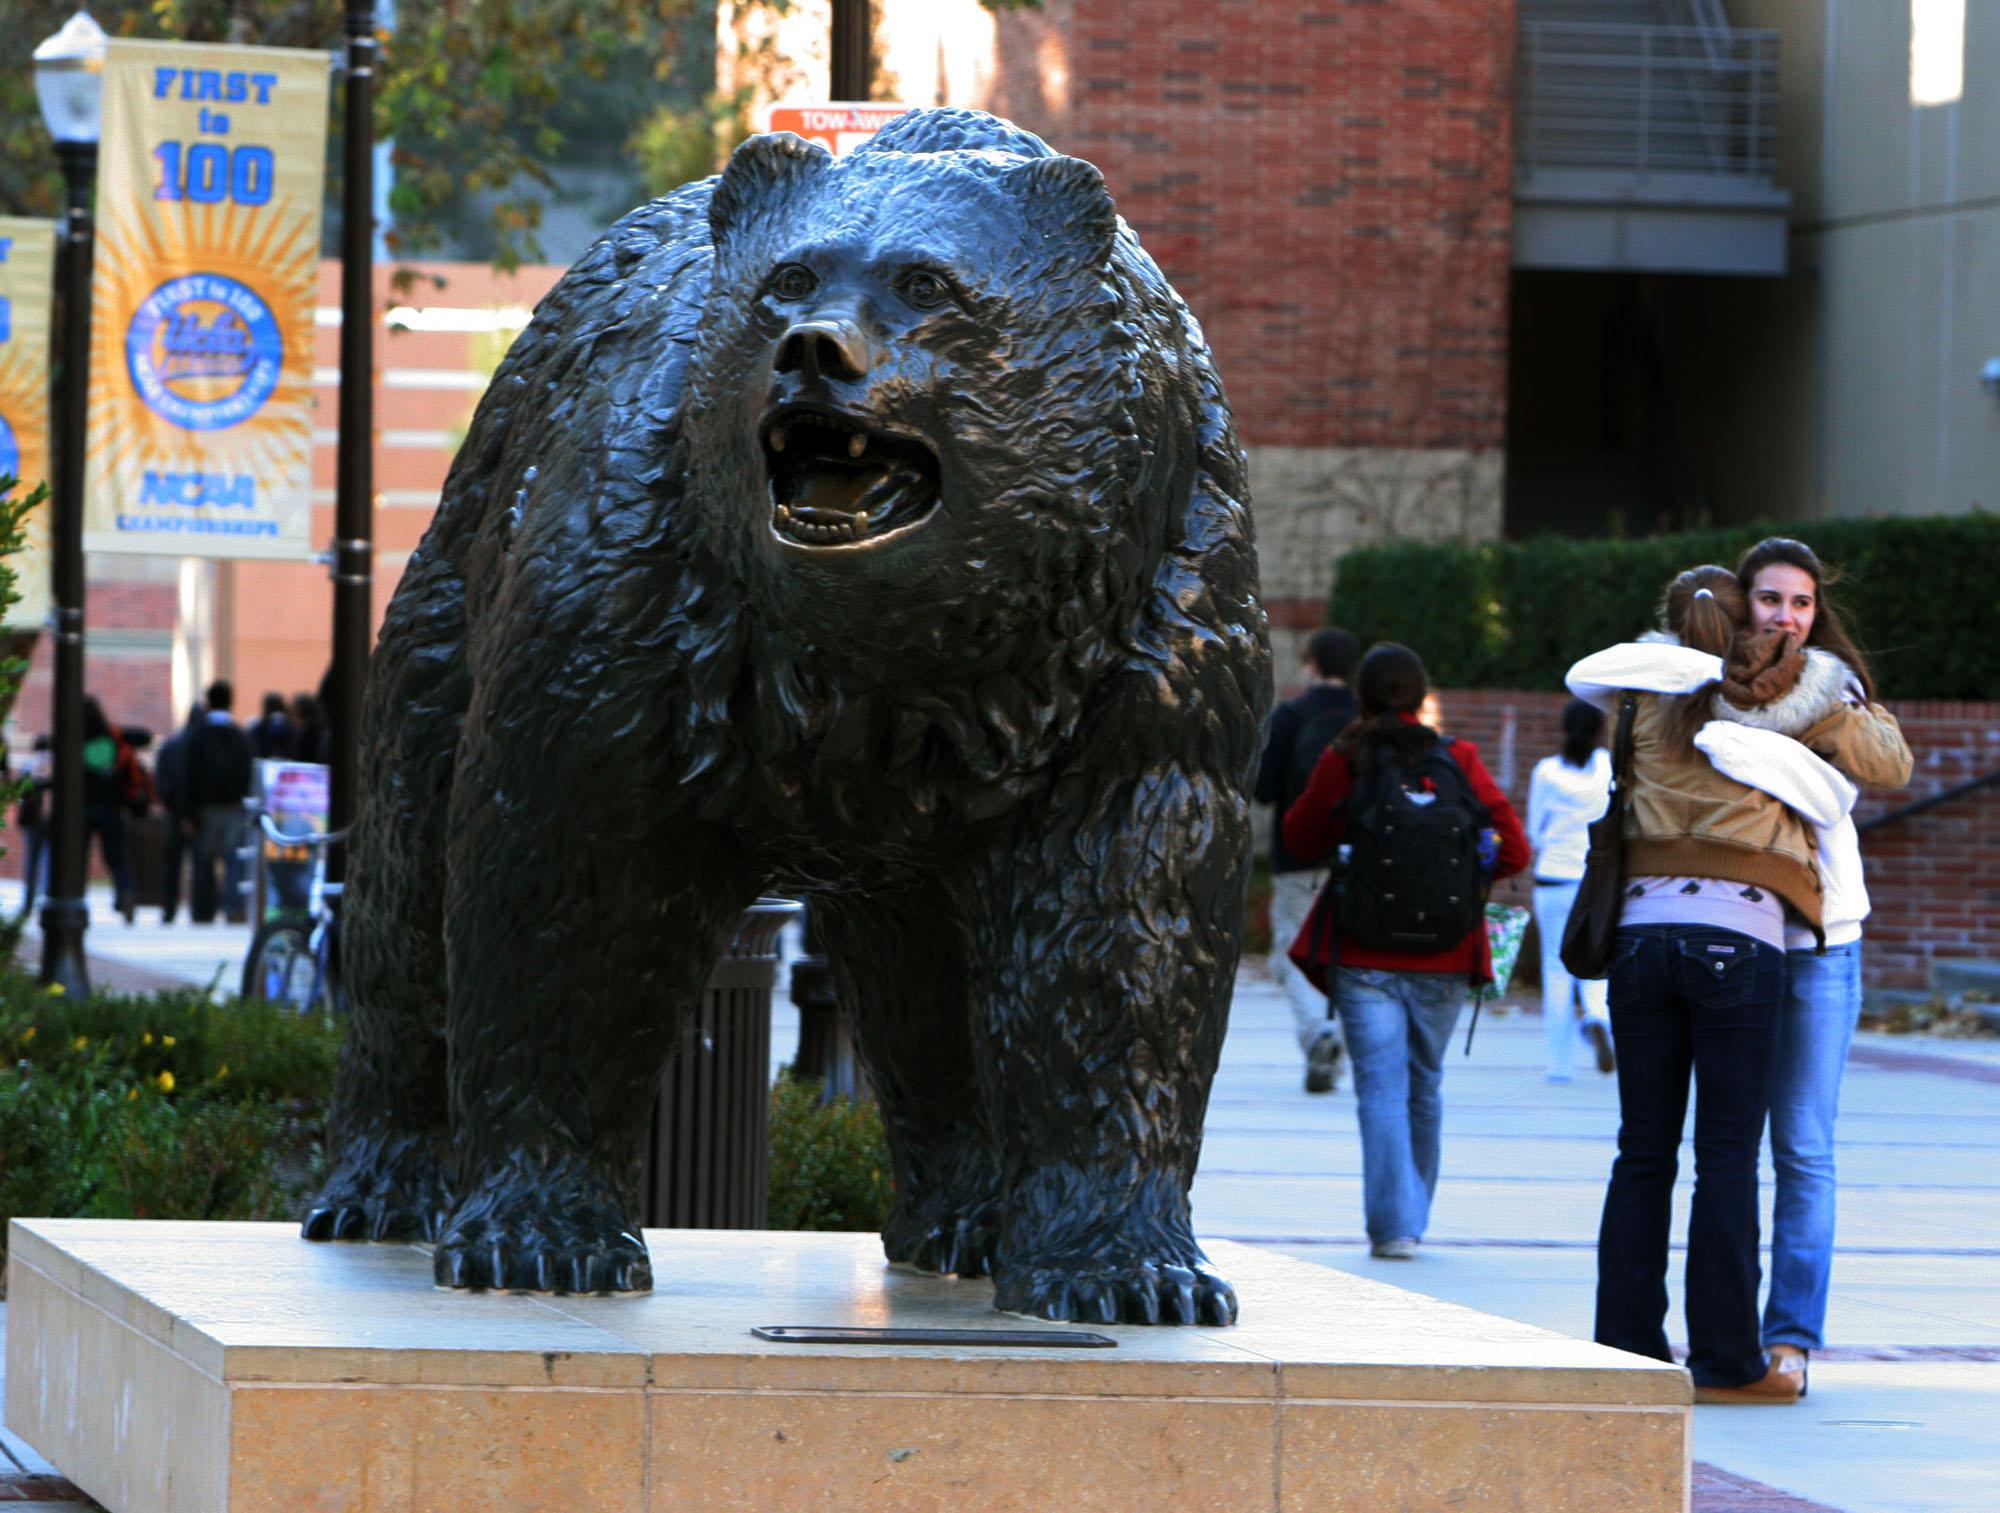 El sindicato que representa a los trabajadores exige un aumento salarial del 26.4% anual a lo largo de los próximos 3 años y el pago retroactivo del 20.39% de los salarios de los últimos cuatro años; UCLA, del 24.5% a lo largo de los 4 años siguientes sin pagos retroactivos(Foto: Jeff Grace/La Opinión)